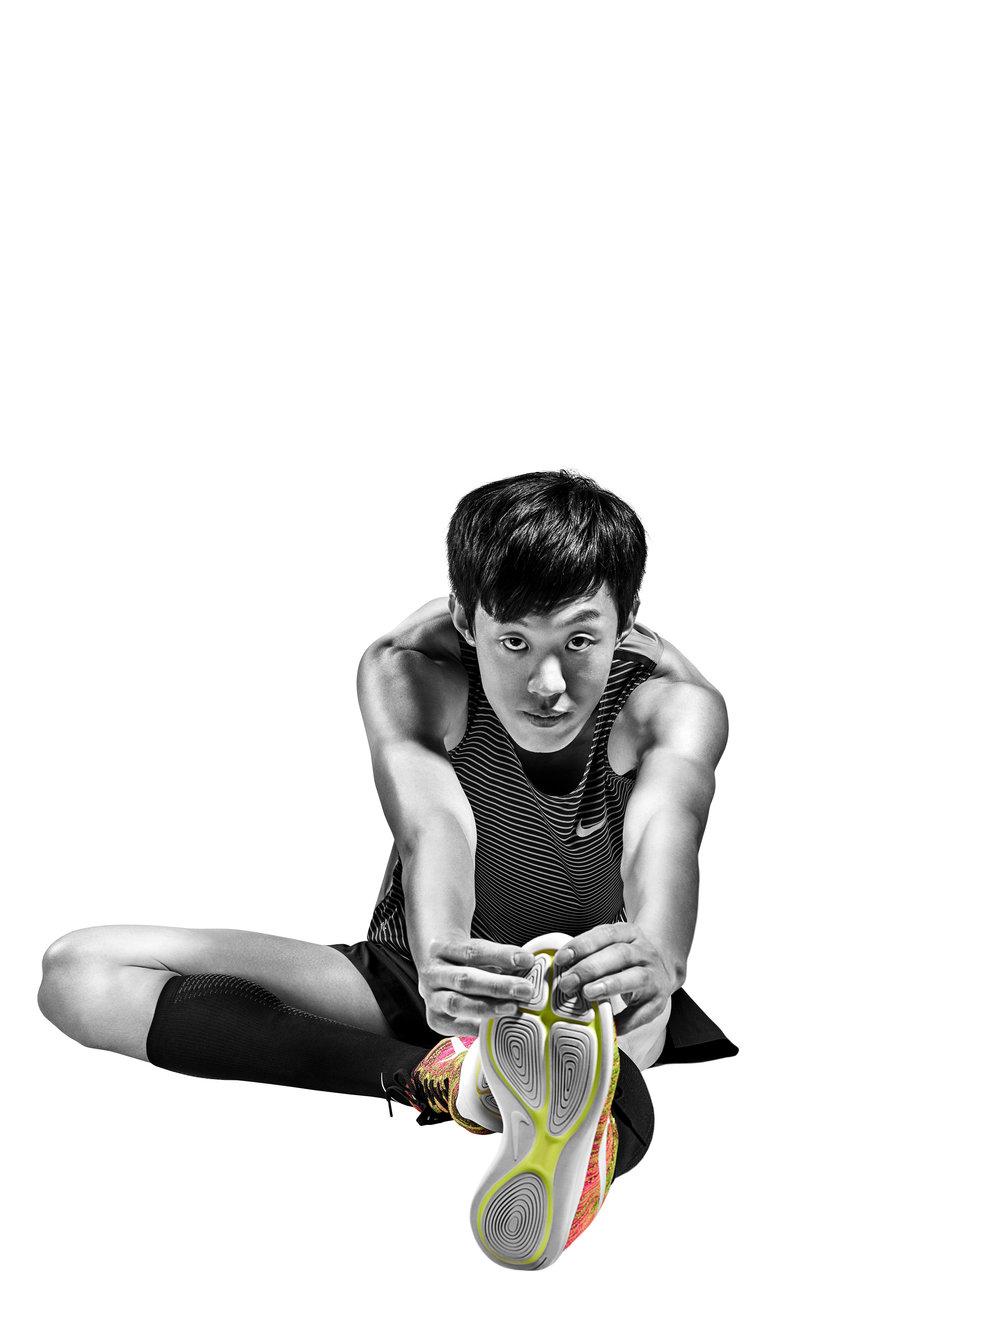 20160430_Nike_Zhang Guowei_0149_v03.jpg